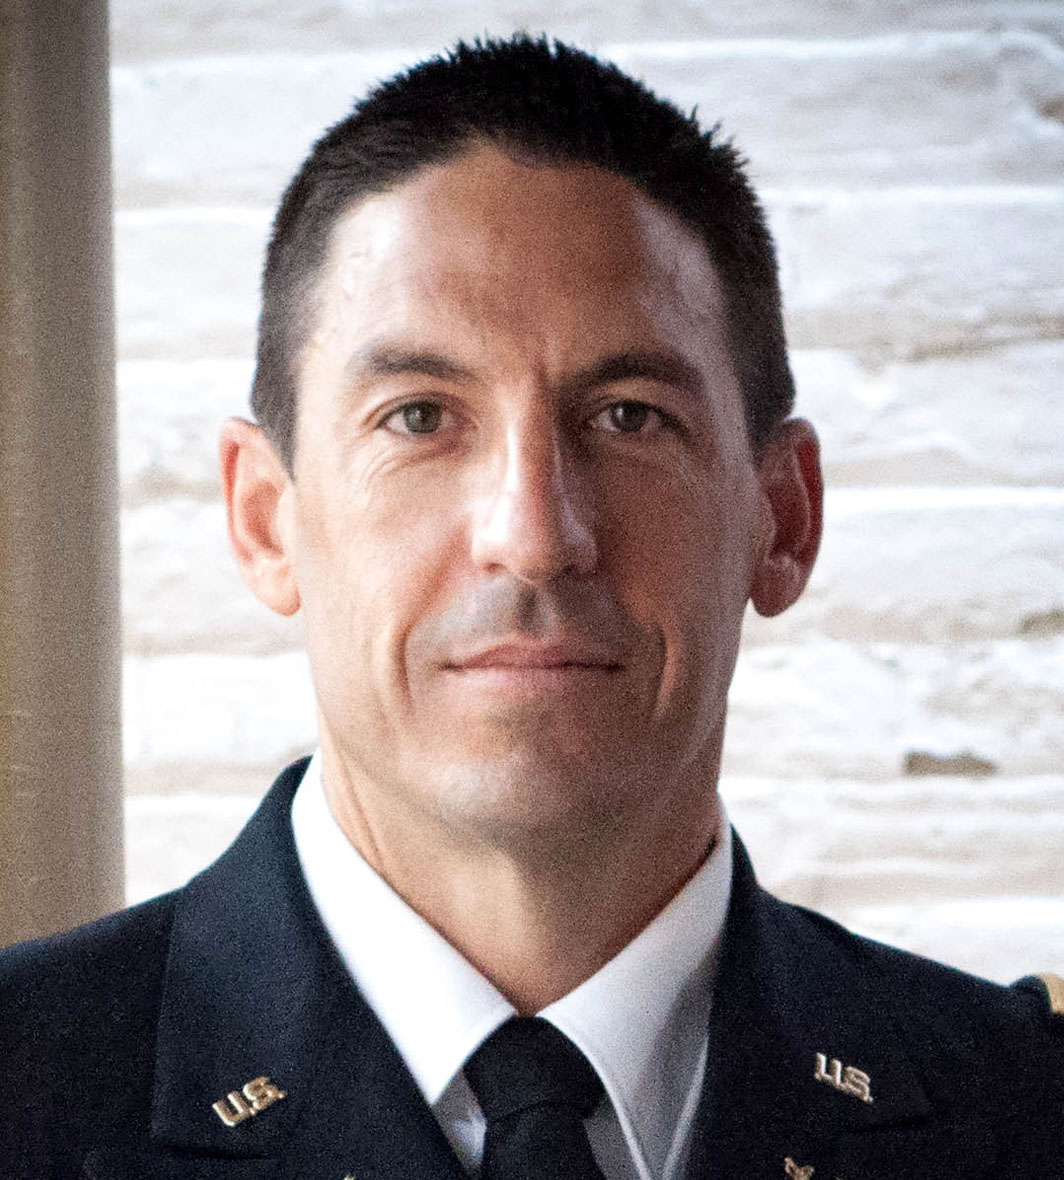 U.S. Army prosecutor Lt. Col. Jay Morse